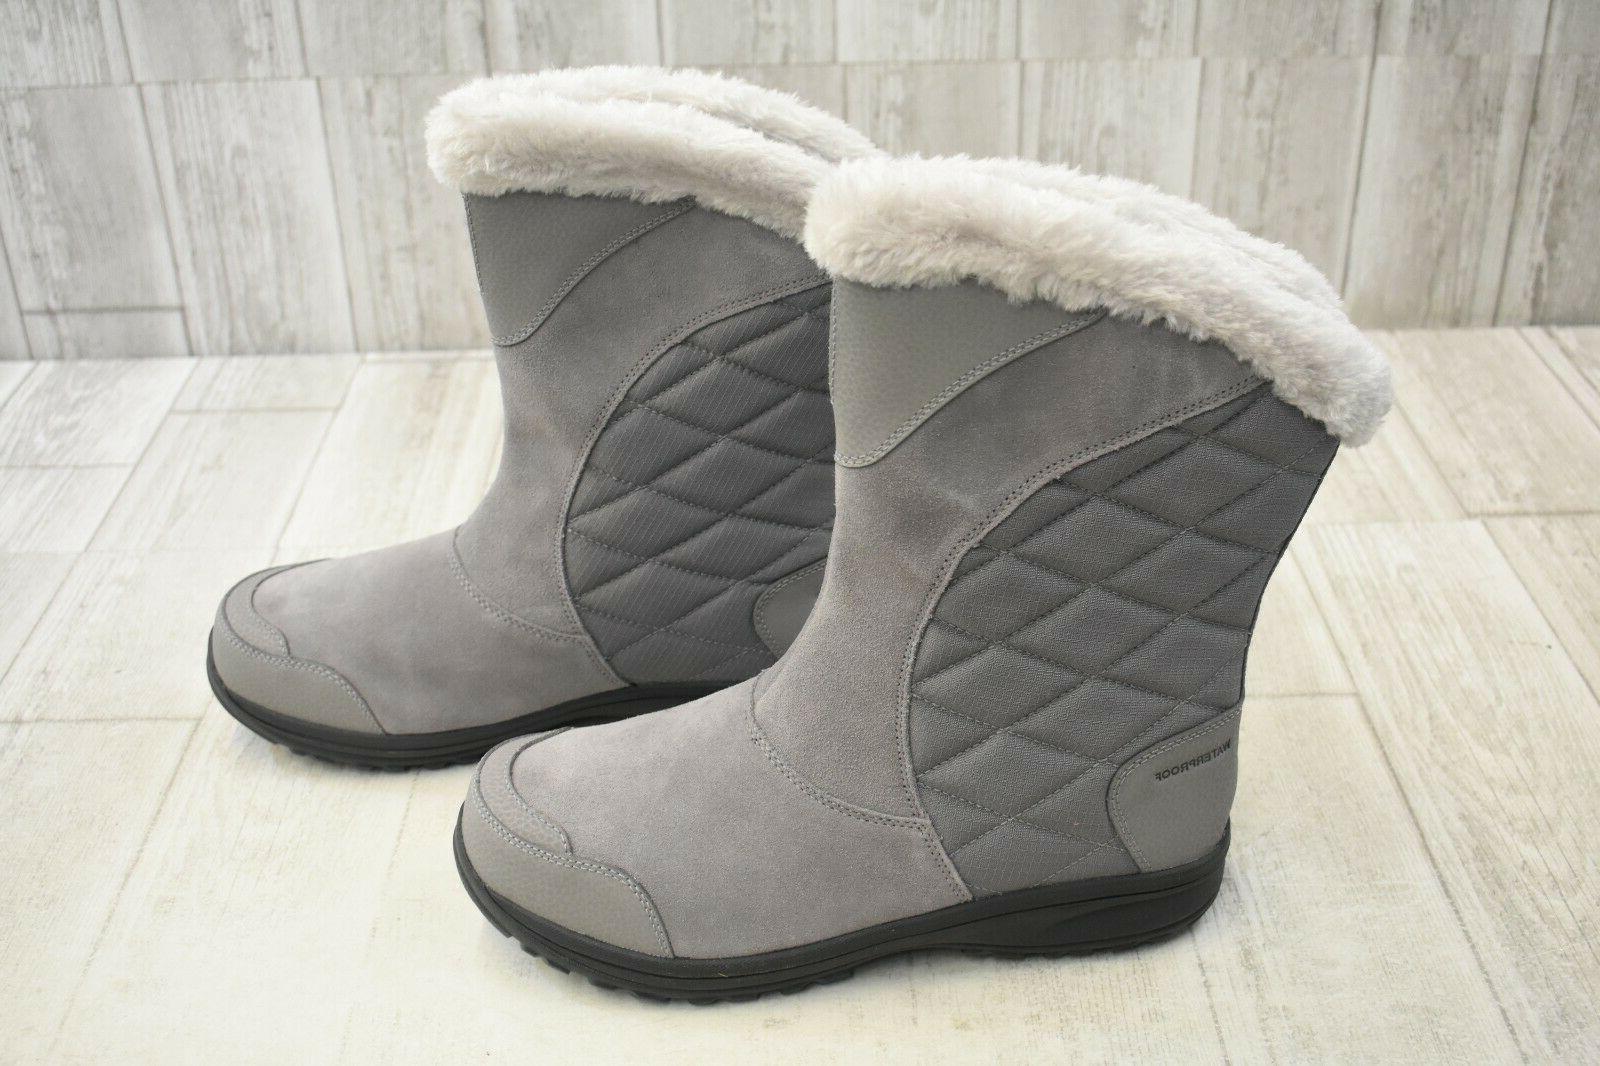 COLUMBIA Ice Maiden Slip Boots 11 -